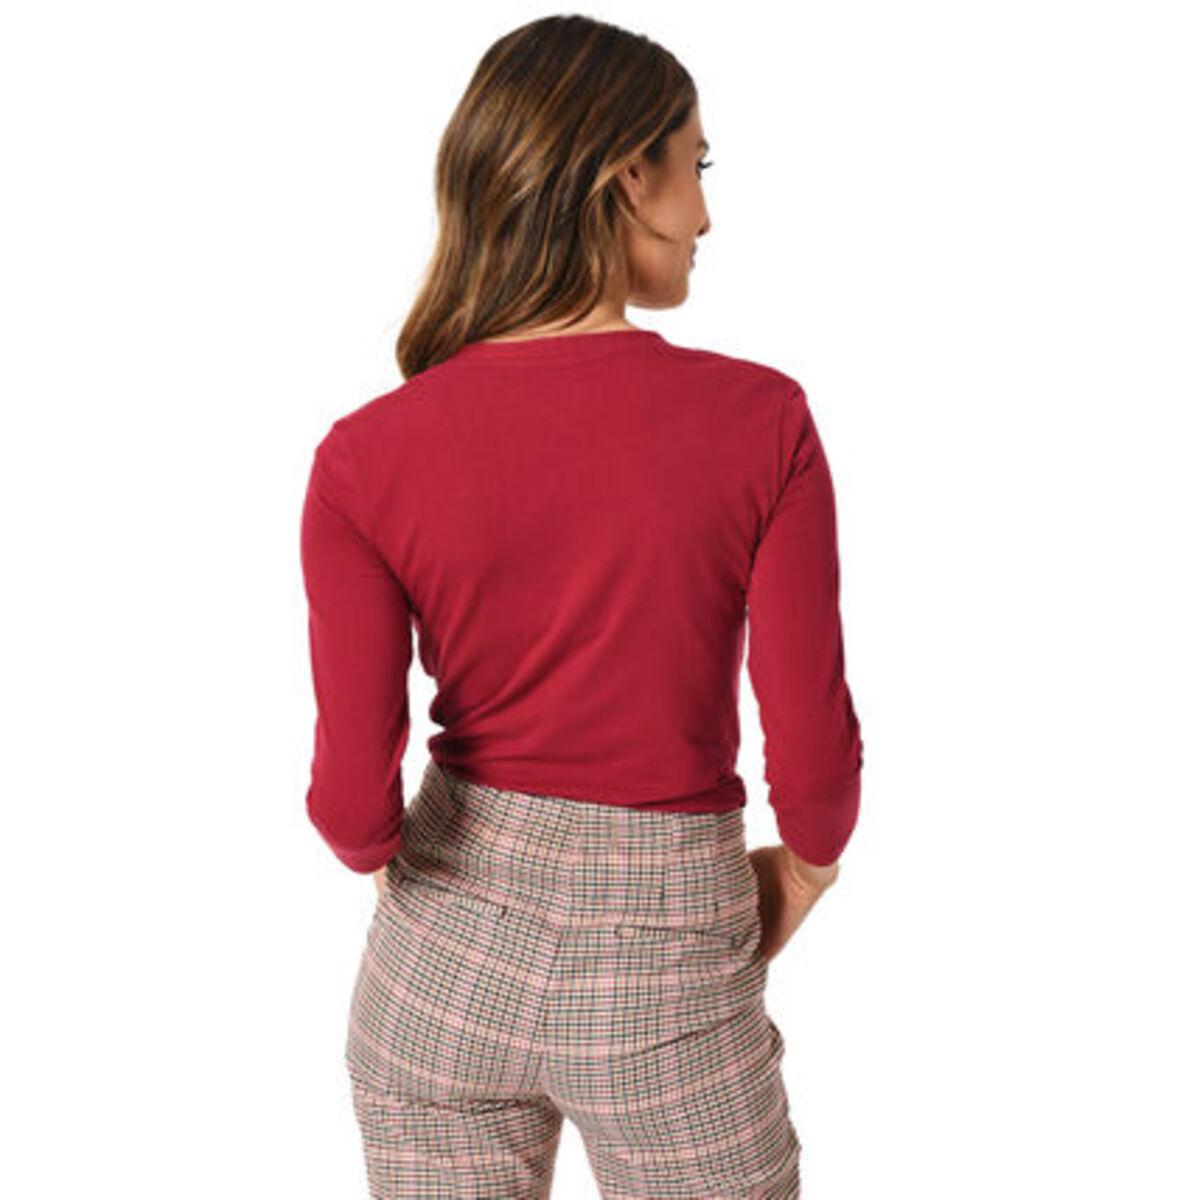 Bild 2 von MANGUUN Collection Shirt, Basic, U-Ausschnitt, 3/4 Arm, Baumwollstretch, für Damen